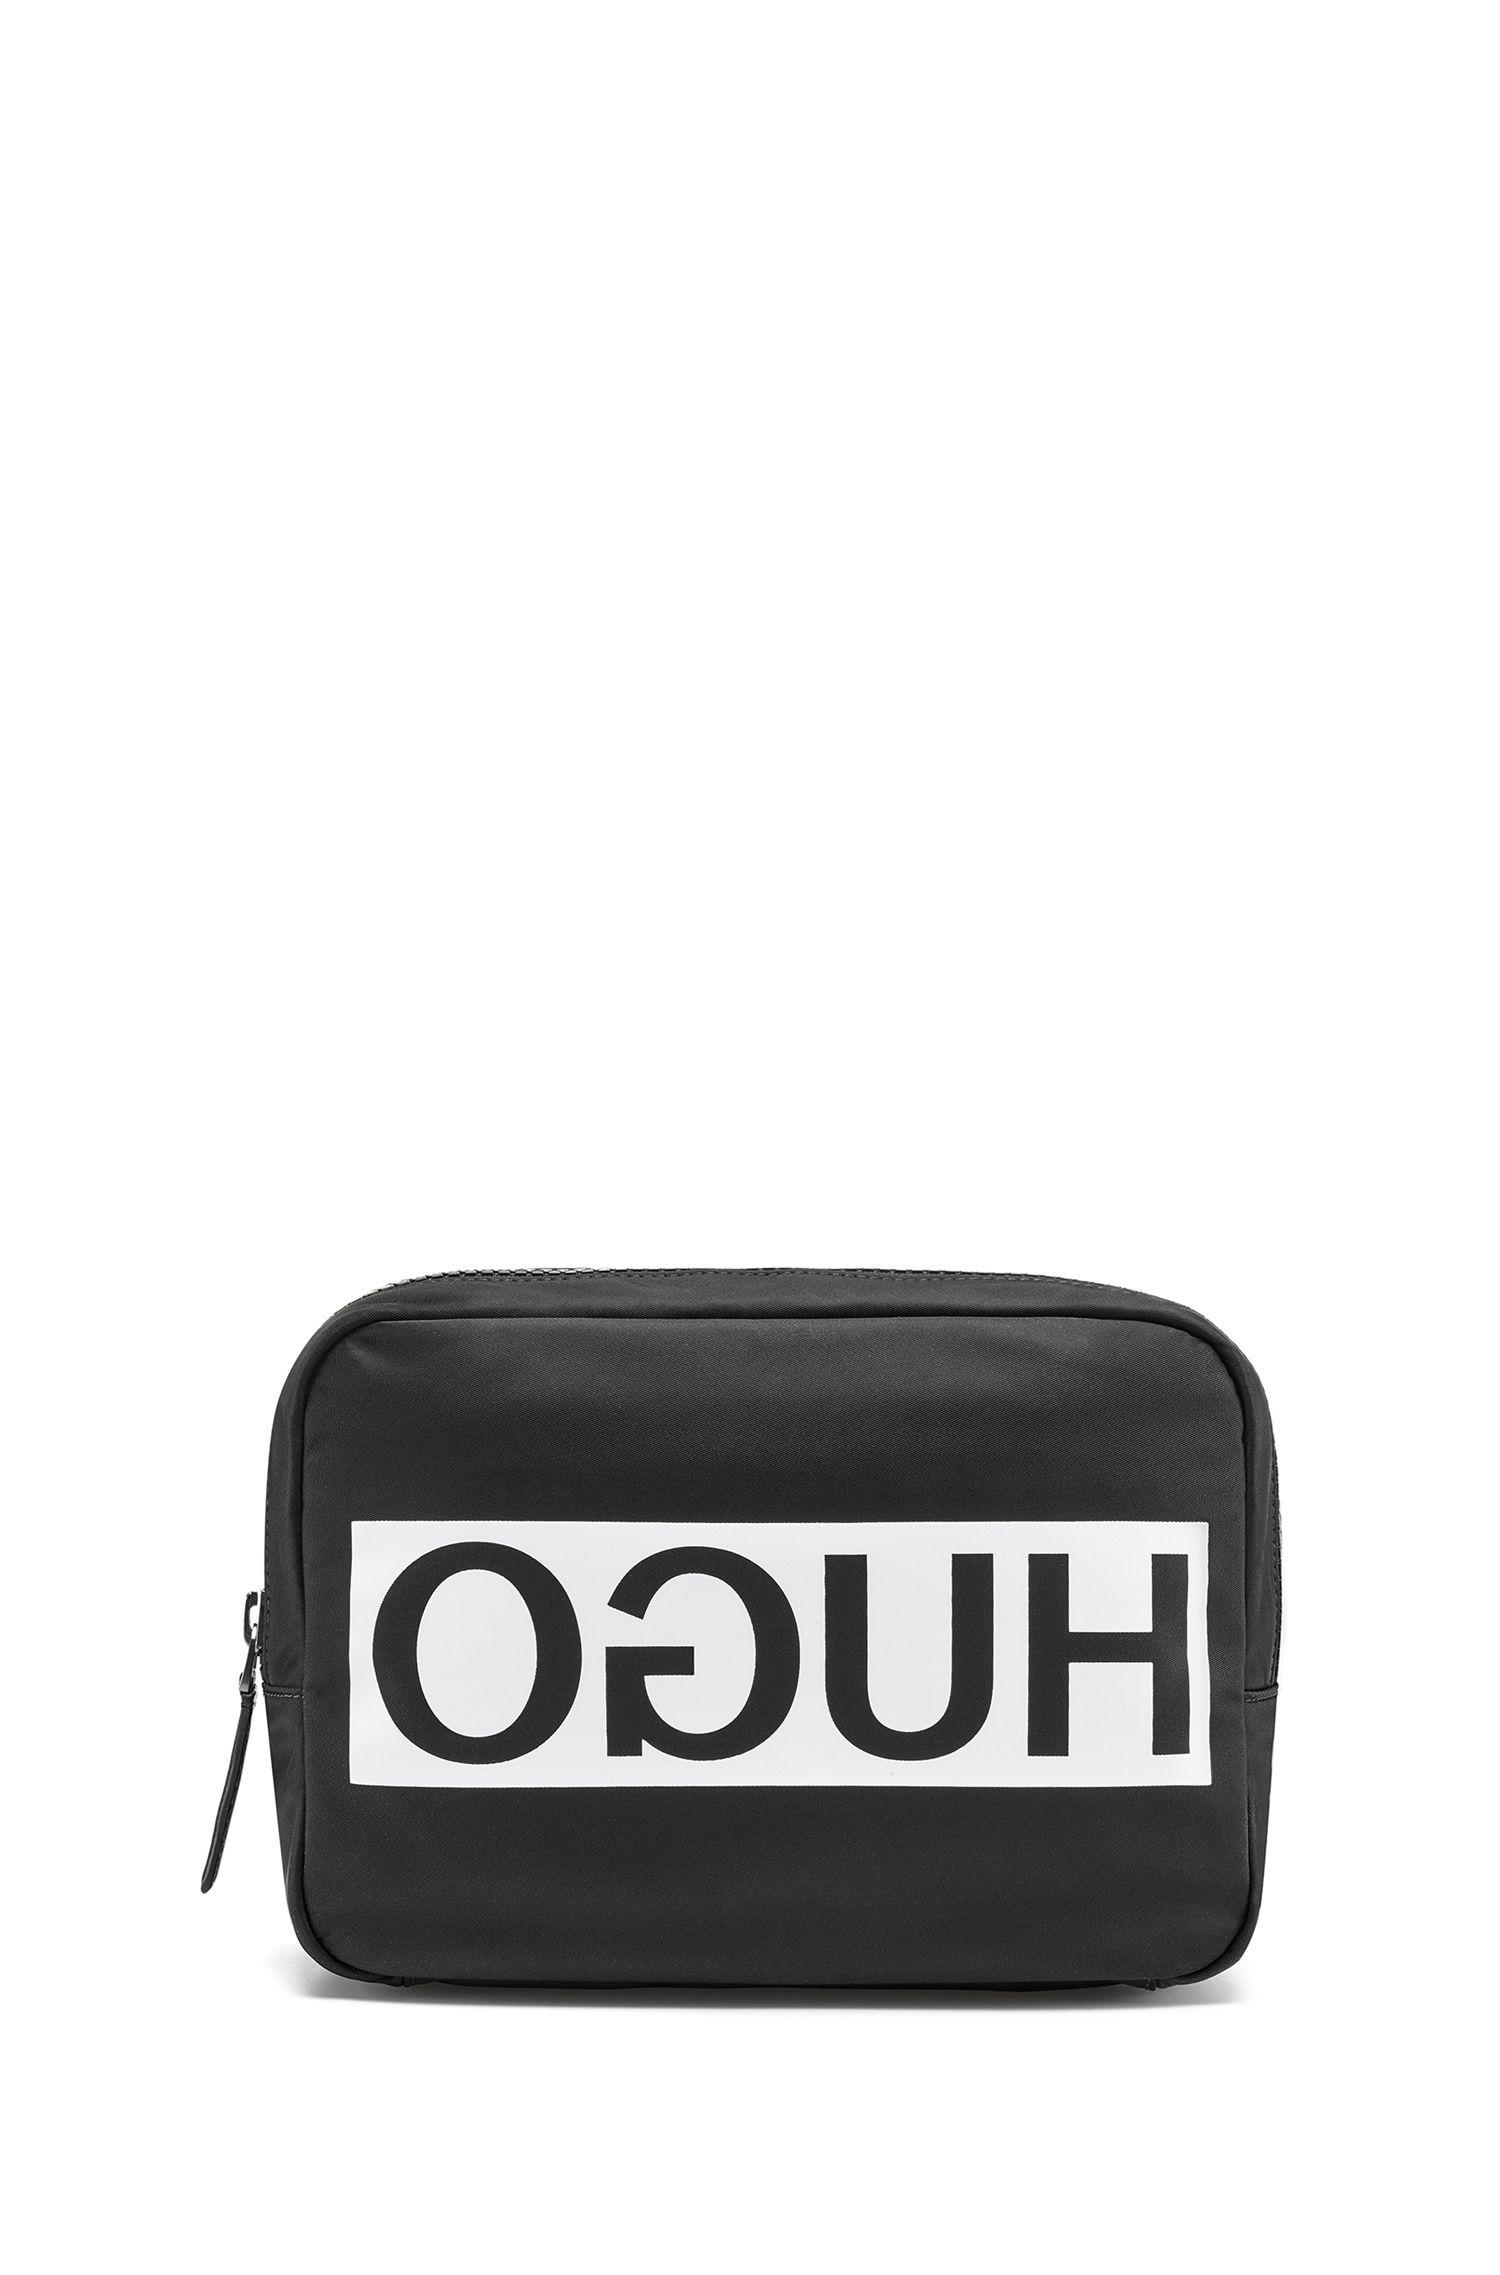 Neceser de nylon con logo invertido en contraste